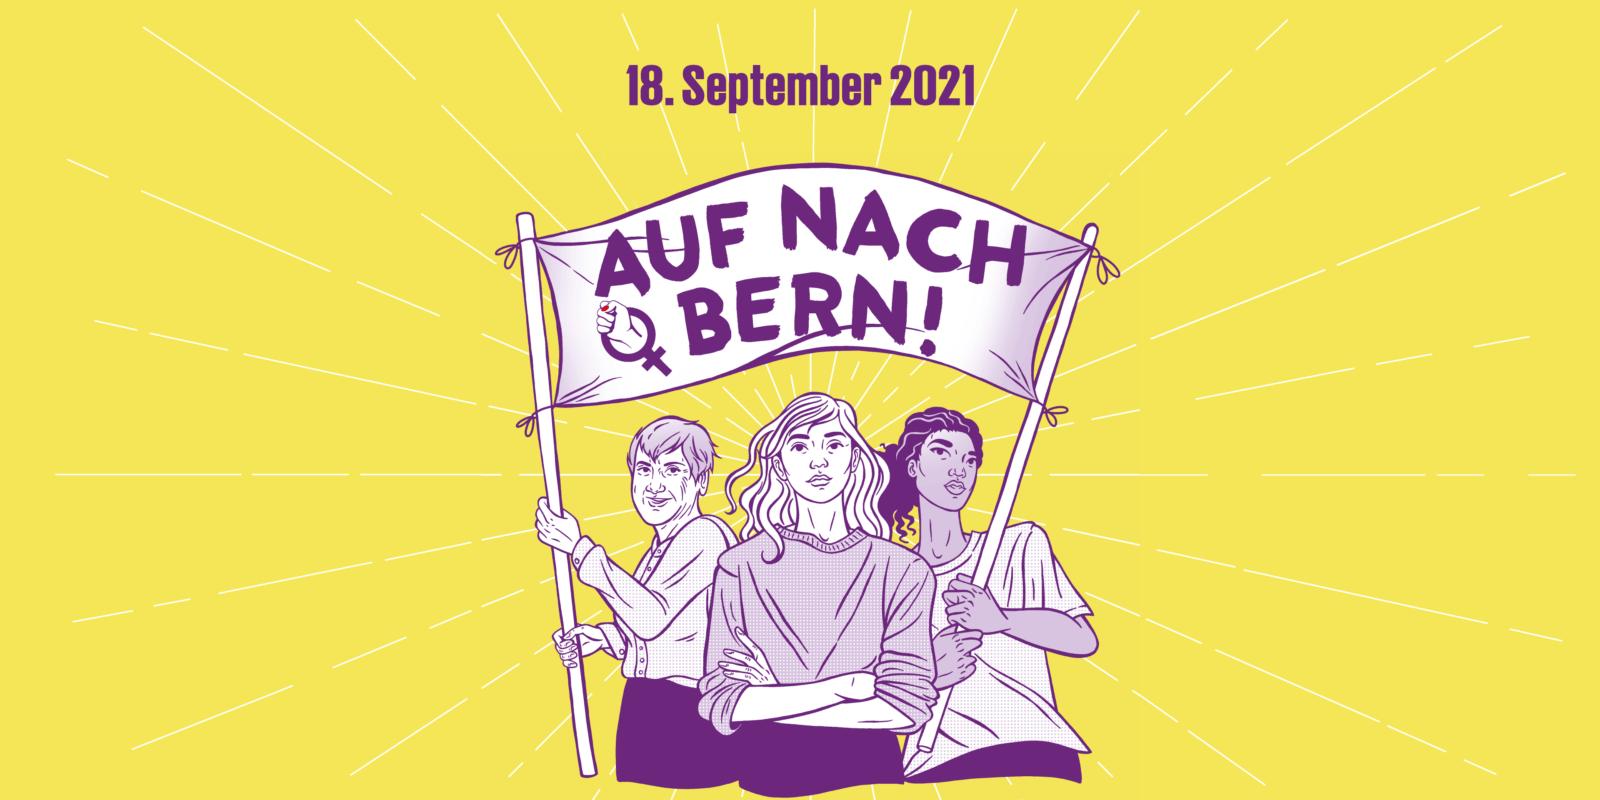 Auf nach Bern! Demo am 18. September 2021